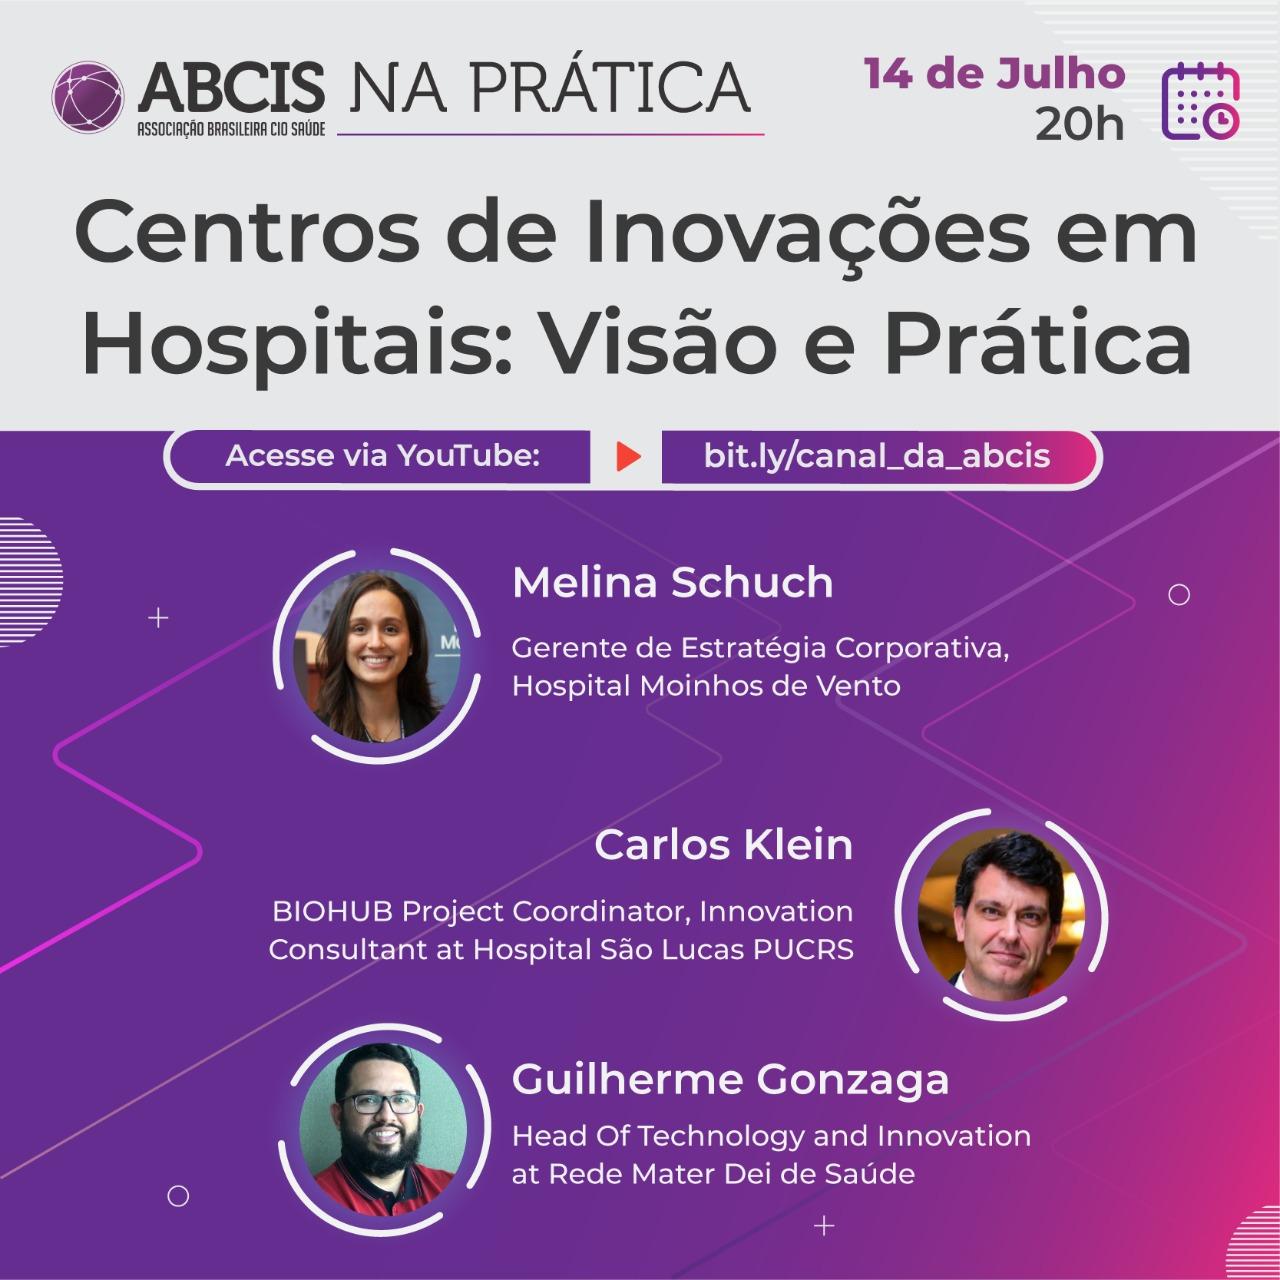 Centro de Inovações em Hospitais: Visão e Prática